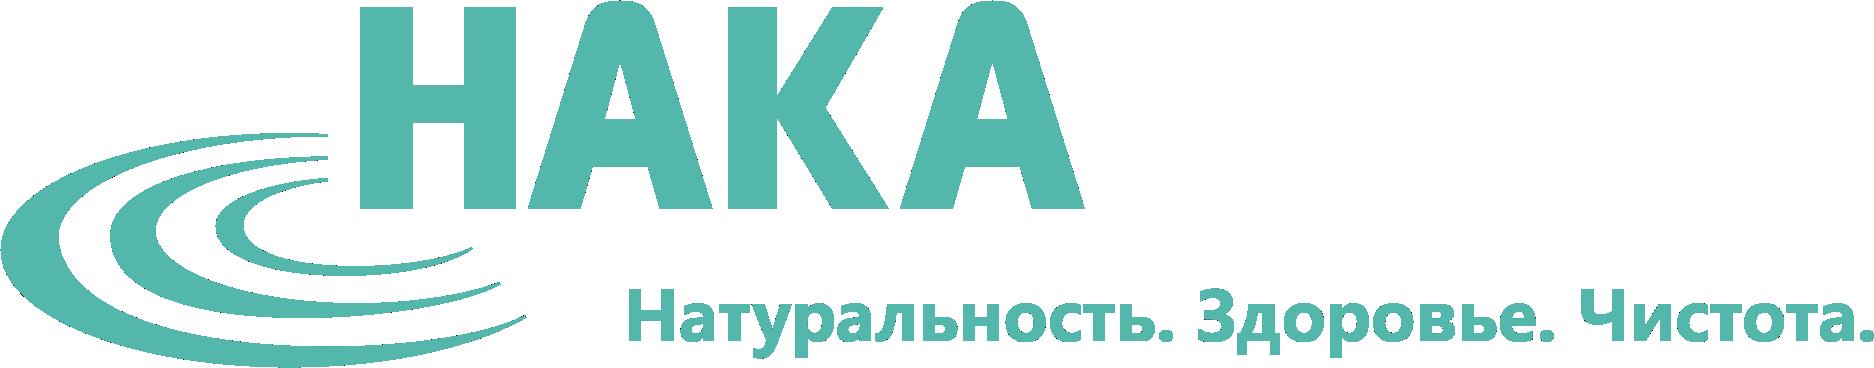 HAKA-logo-1